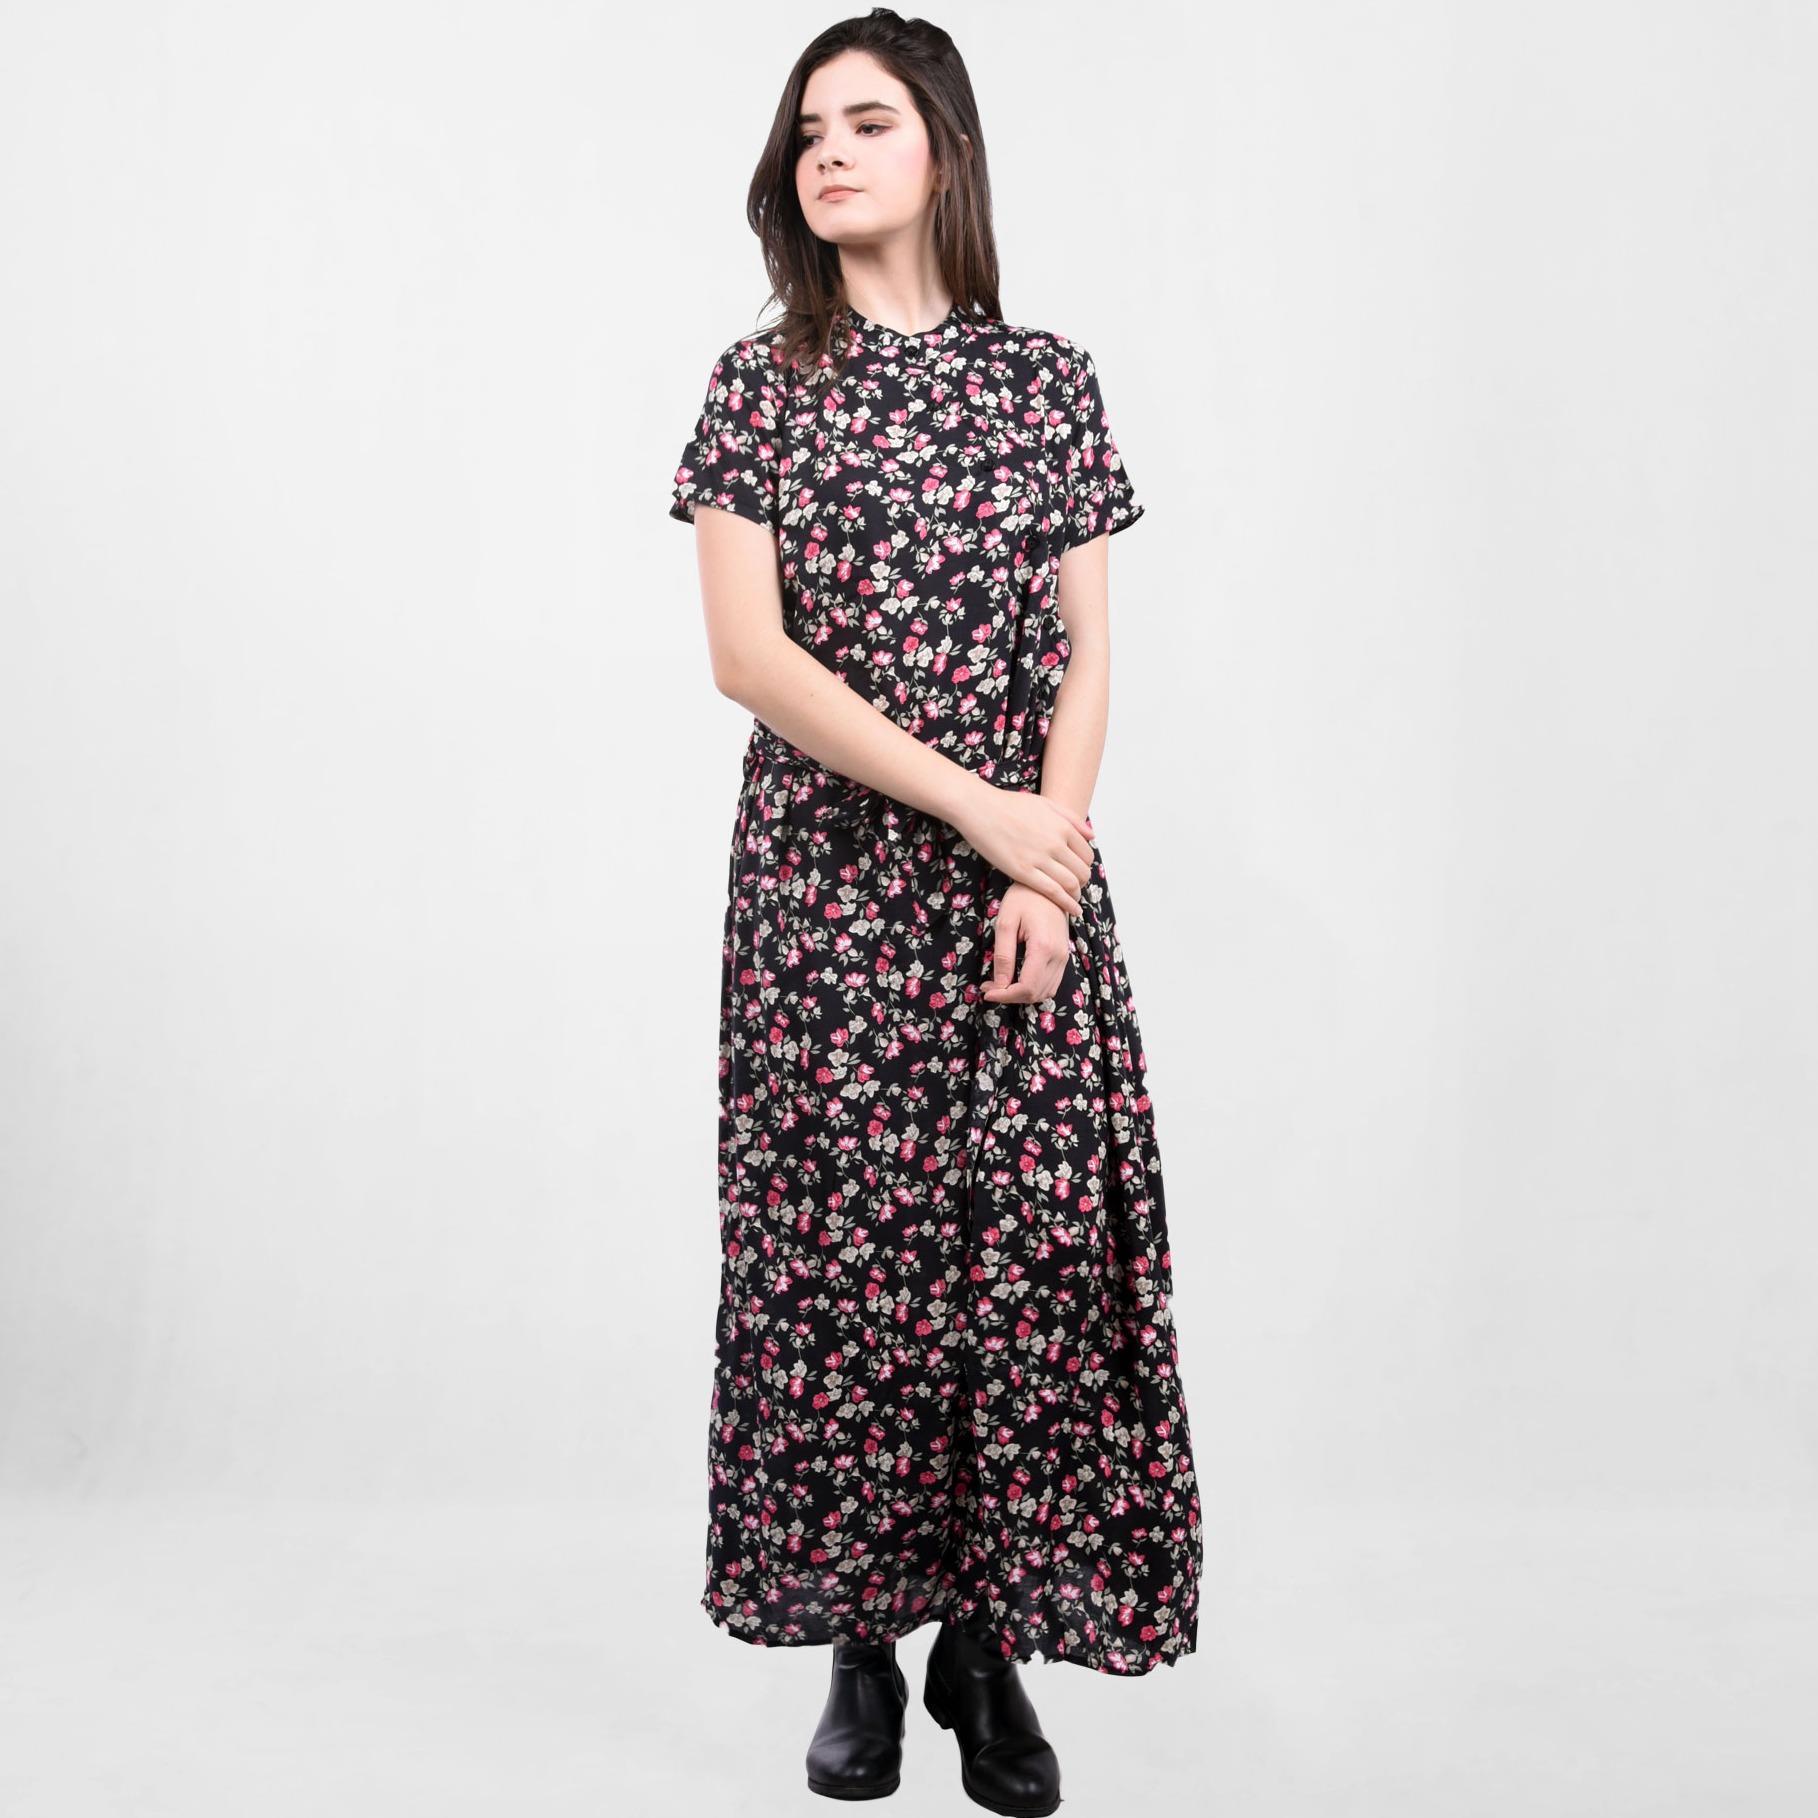 Beli Ada Fashion Dress Lengan Pendek Wanita Sanghai Indonesia